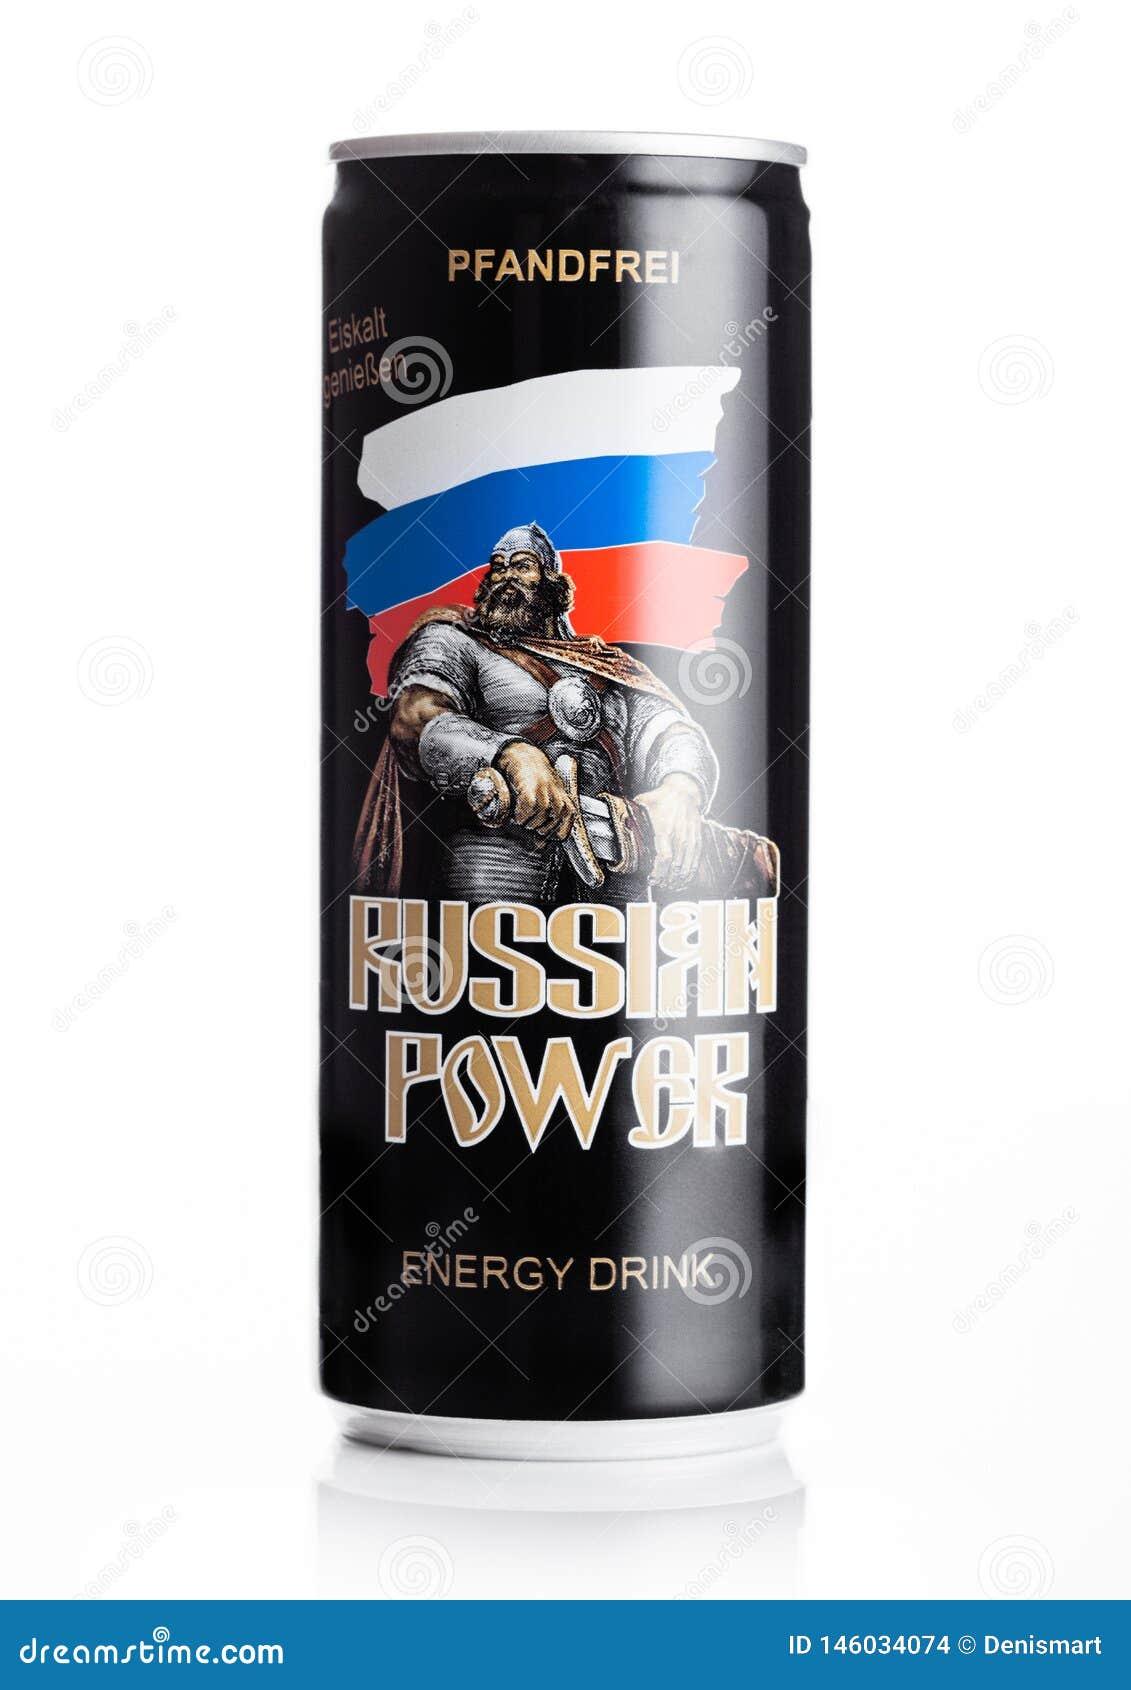 LONDRES, REINO UNIDO - 27 DE ABRIL DE 2019: Lata de alumínio da bebida original da energia do poder do russo no fundo branco